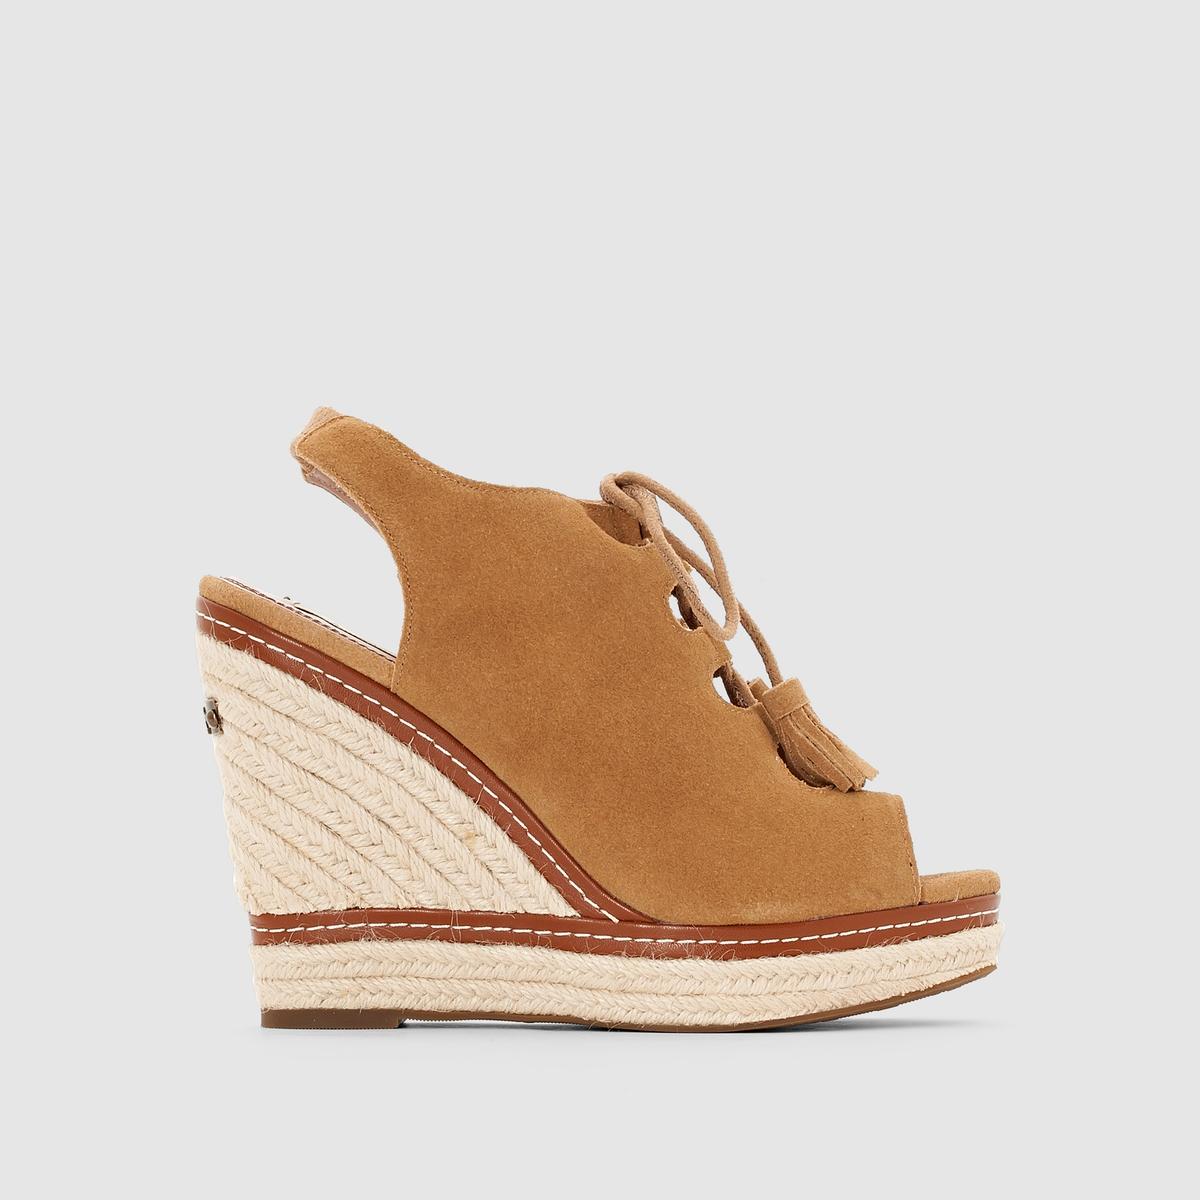 Босоножки PEPE JEANS WALKER CORSEPepe Jeans, известная английская марка с акцентами в стиле рок, искусно применяет модные тенденции в производстве обуви ! Отличные, оригинальные и стильные босоножки из красивой мягкой кожи, на шнуровке прекрасный тому пример  !<br><br>Цвет: темно-коричневый<br>Размер: 40